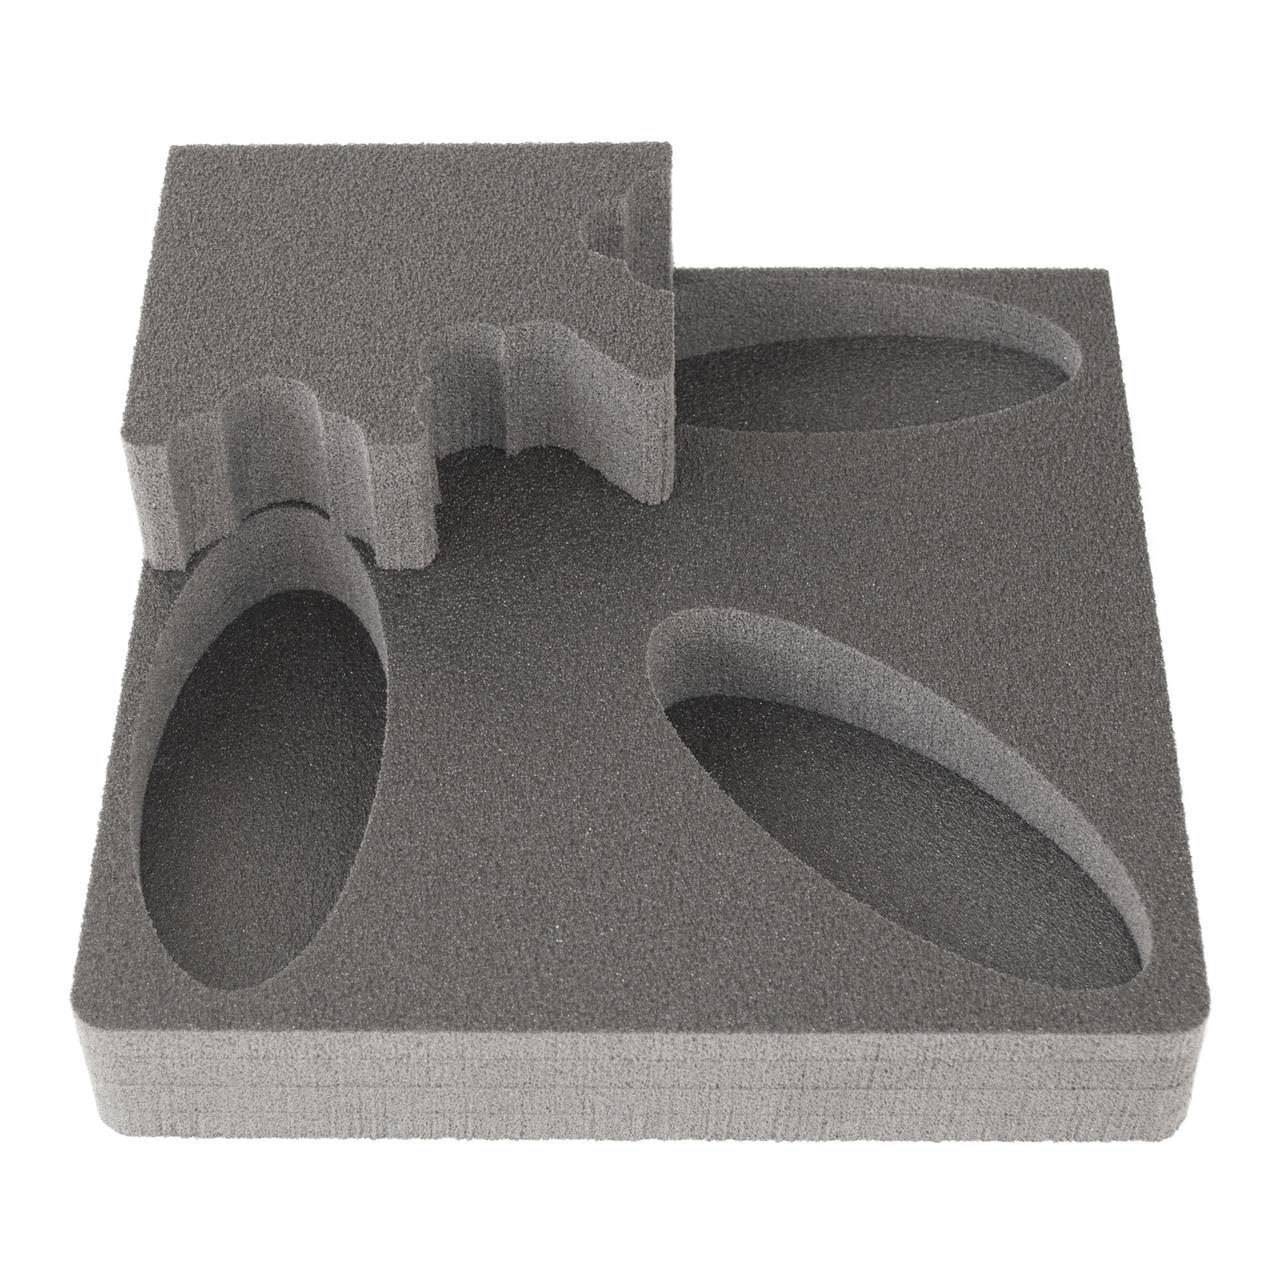 Комплект тримач ствола 1UGL_O + ложемент під приклад D1UGL_O на один ствол (рушницю) з оптикою під кутом